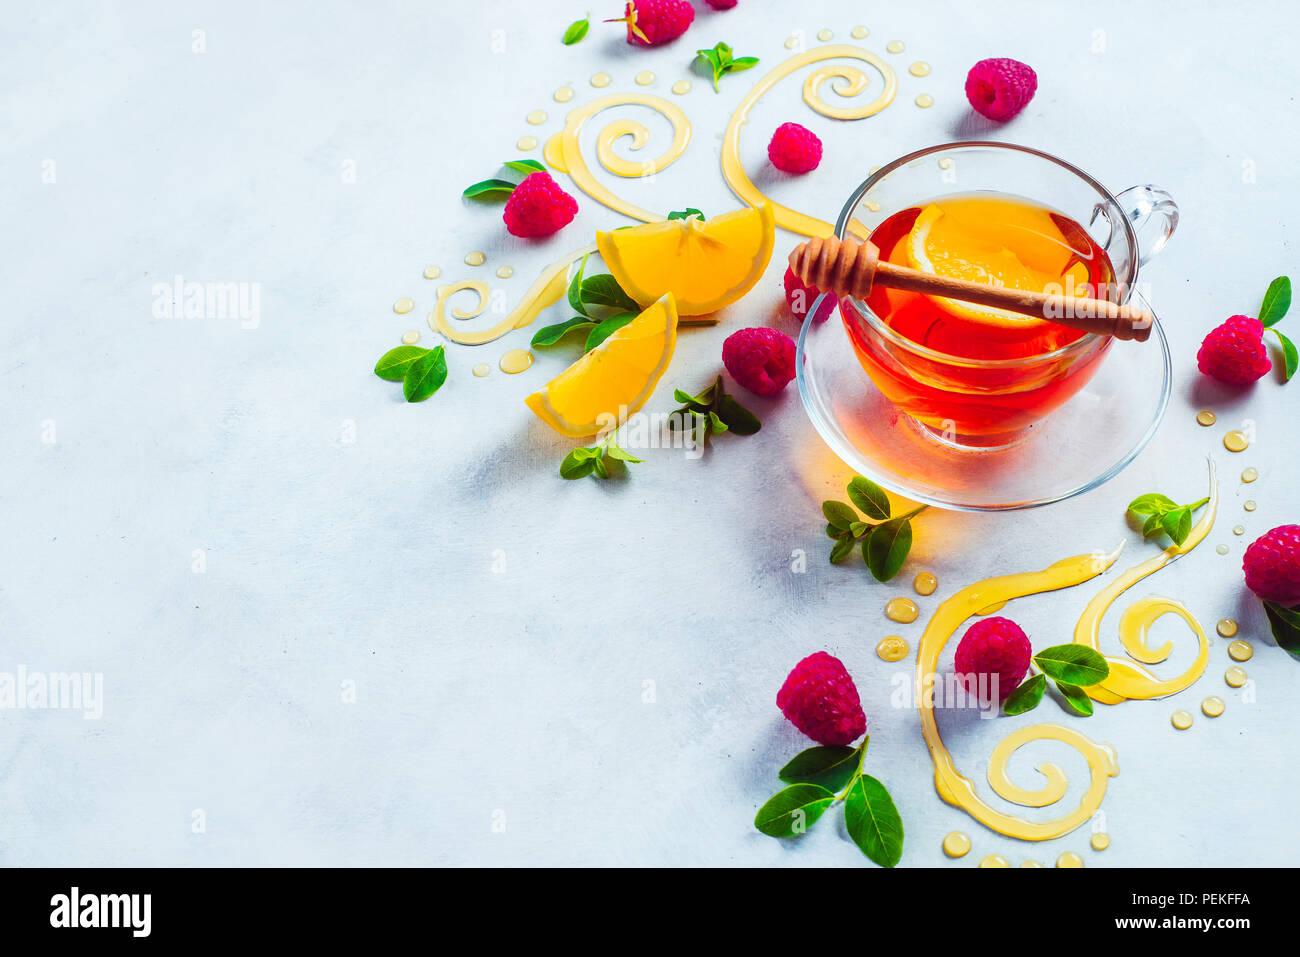 Té de miel desde arriba. Decorativos remolinos de miel, rodajas de limón, bayas y té en una copa de cristal sobre un fondo de madera blanca con espacio de copia. Comida creativa laicos plana Imagen De Stock